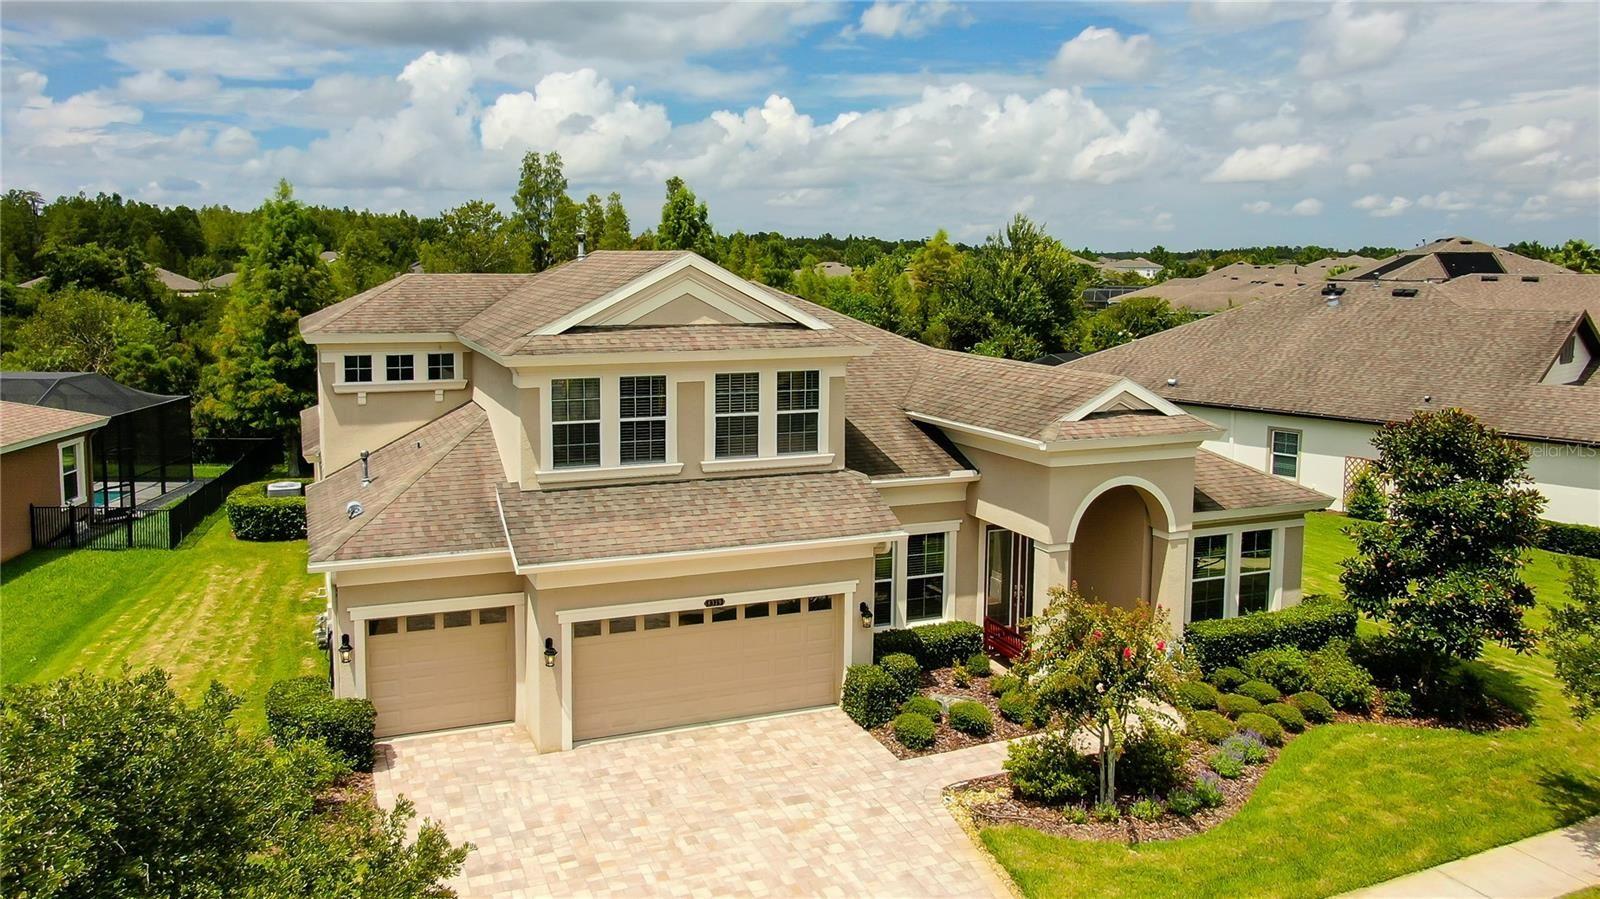 8319 SWISS CHARD CIRCLE, Land O Lakes, FL 34637 - #: W7837653